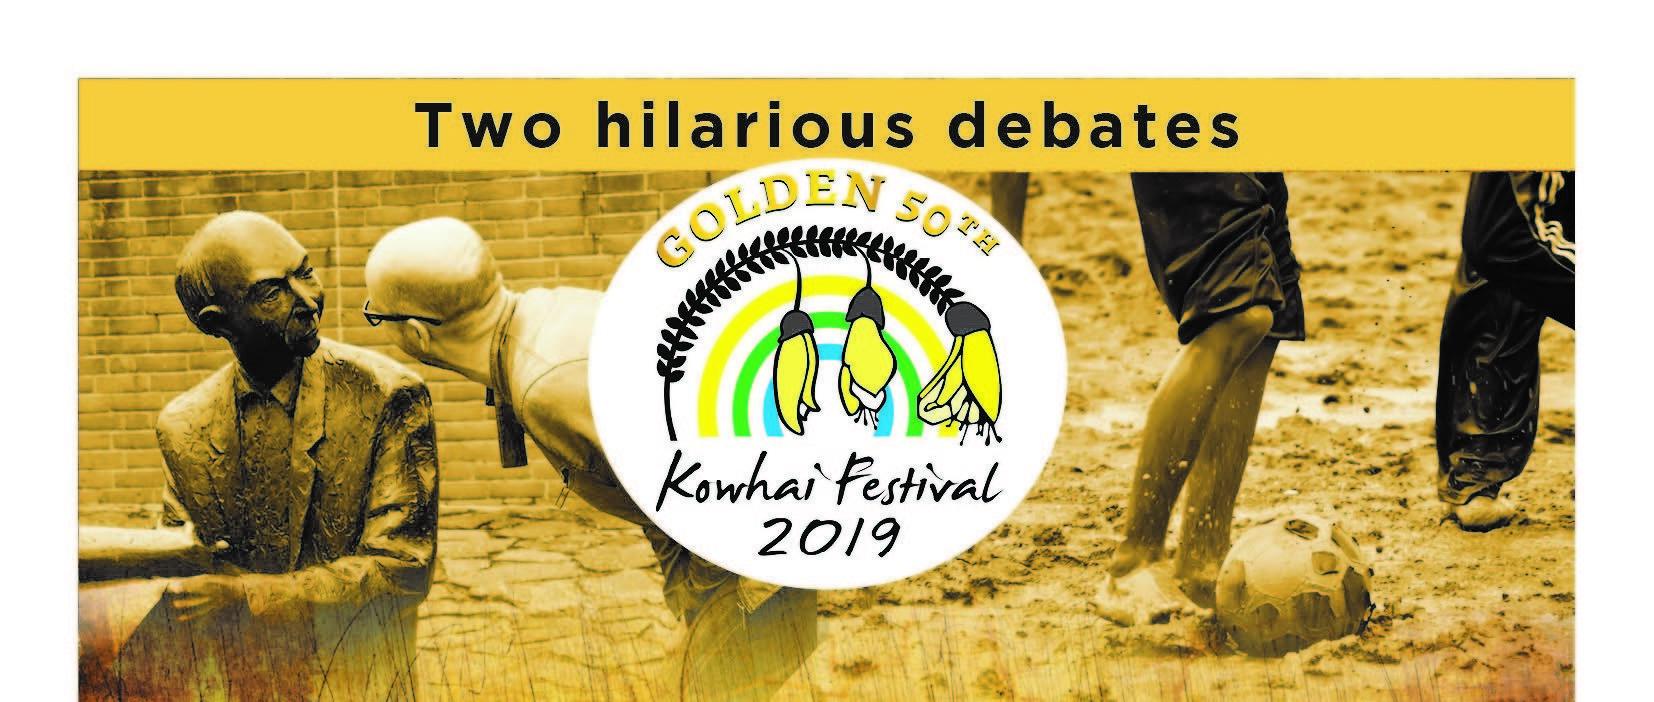 Debate Poster 2019 (002)